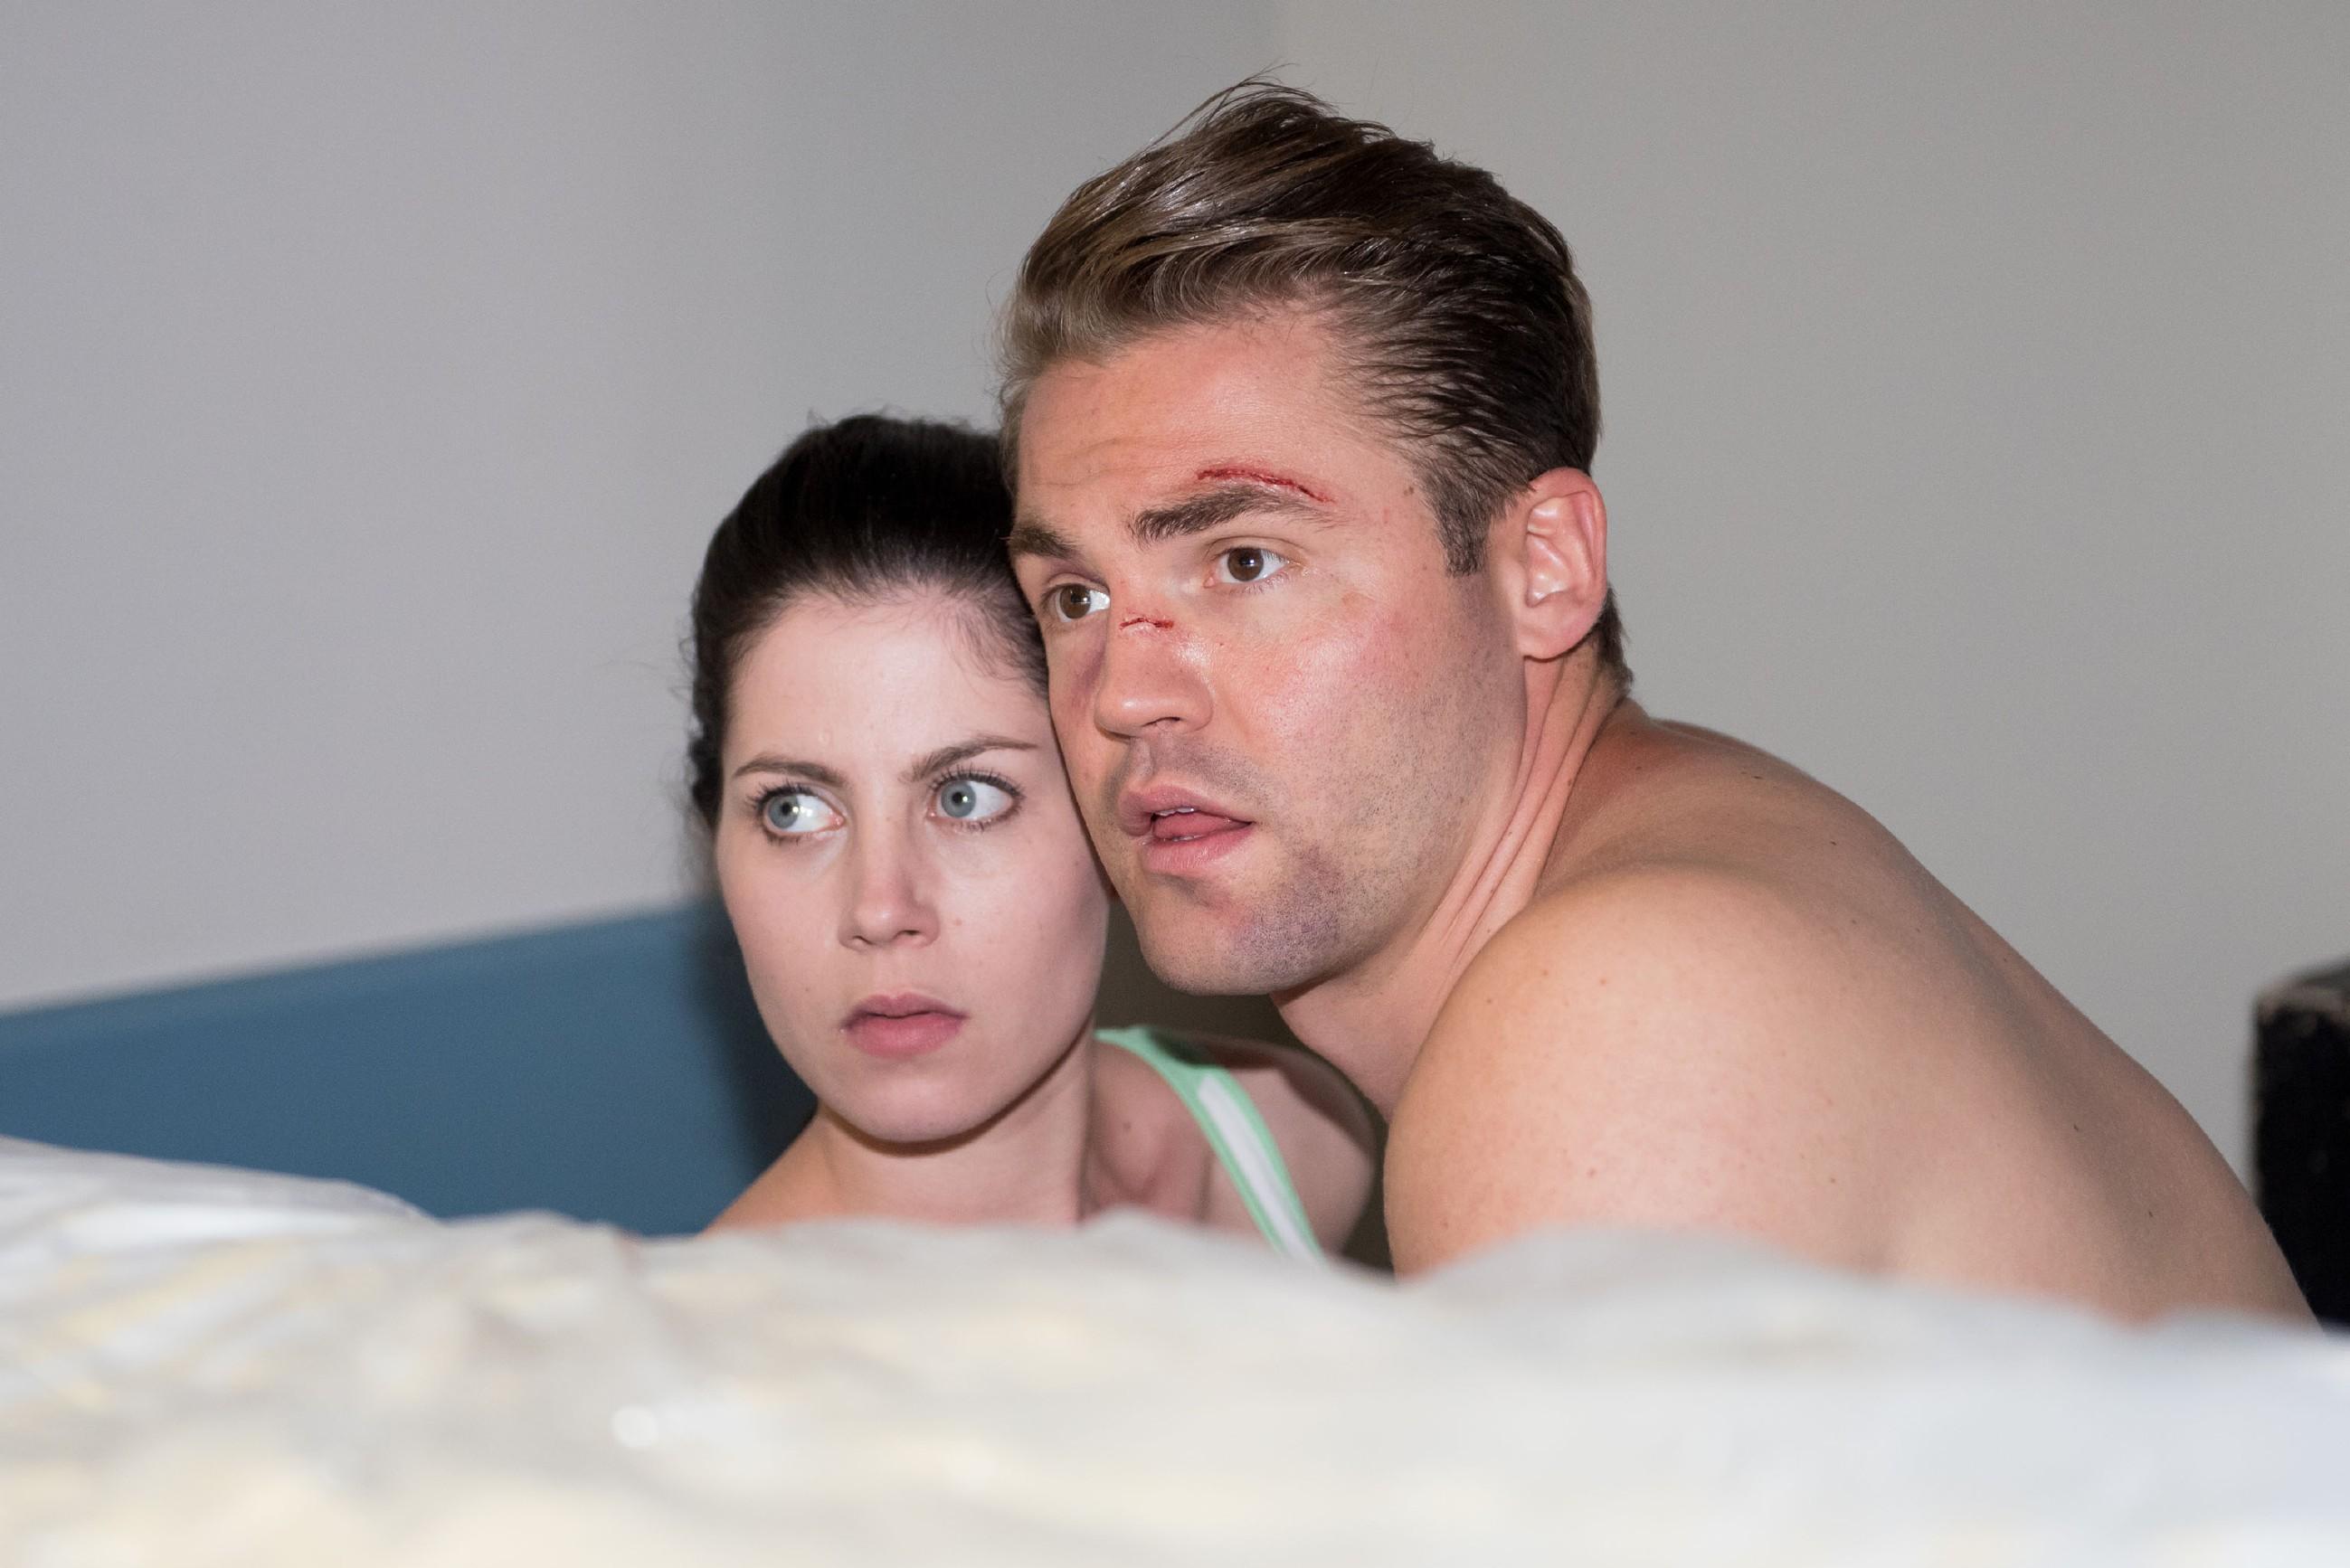 Sina (Valea Katharina Scalabrino) muss befürchten, dass Prof. Dr. Hütte sie und Bambi (Benjamin Heinrich) bei einem Stelldichein im Krankenhaus entdeckt hat... (Quelle: Foto: RTL / Stefan Behrens)